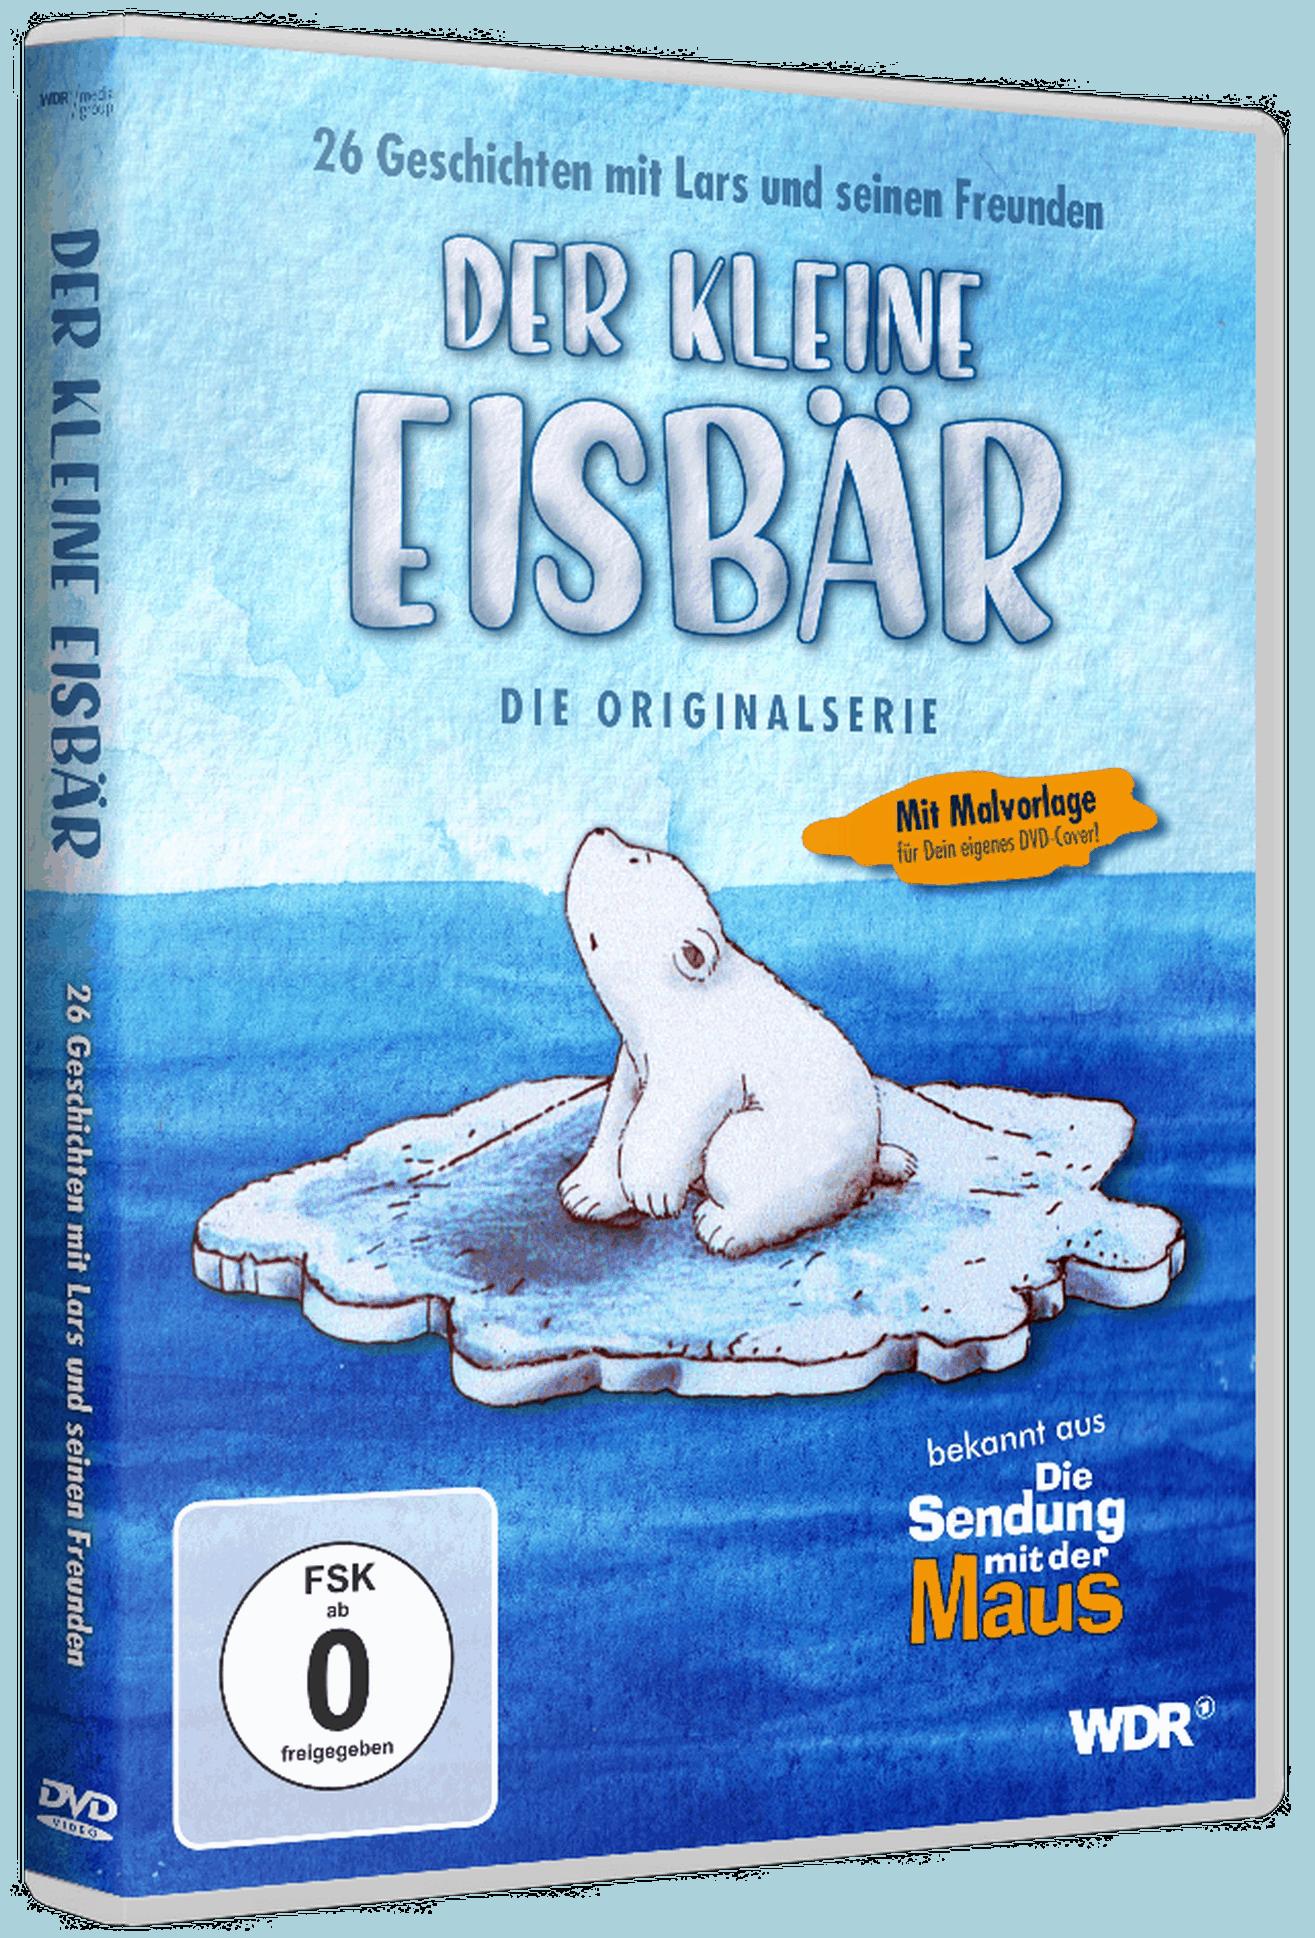 Der kleine Eisbär   Ab 16. Oktober auf DVD